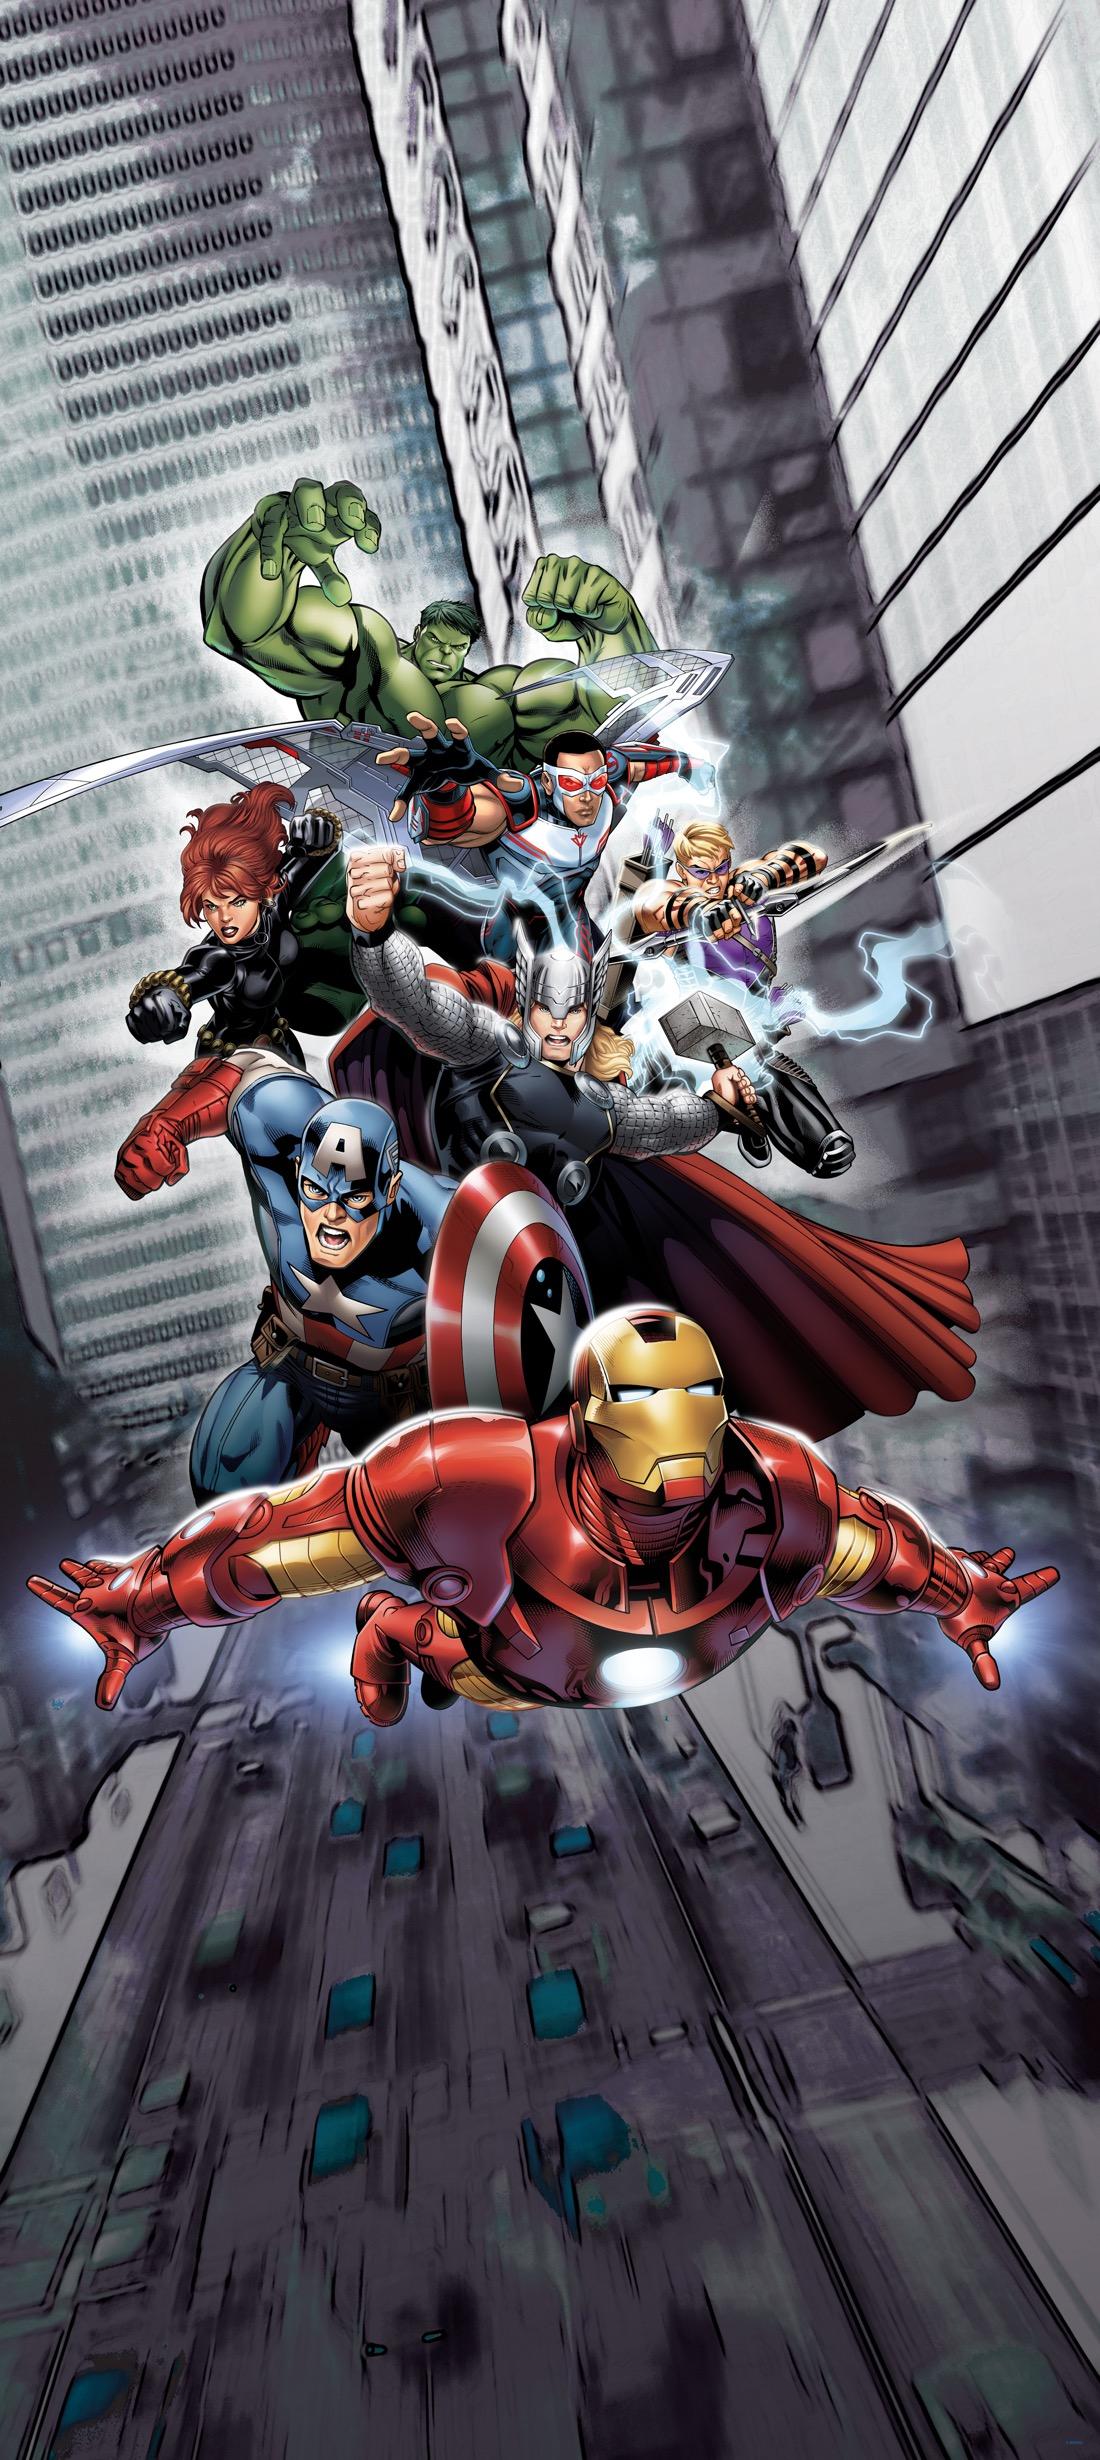 Dětské fototapety Marvel Avengers hrdinové